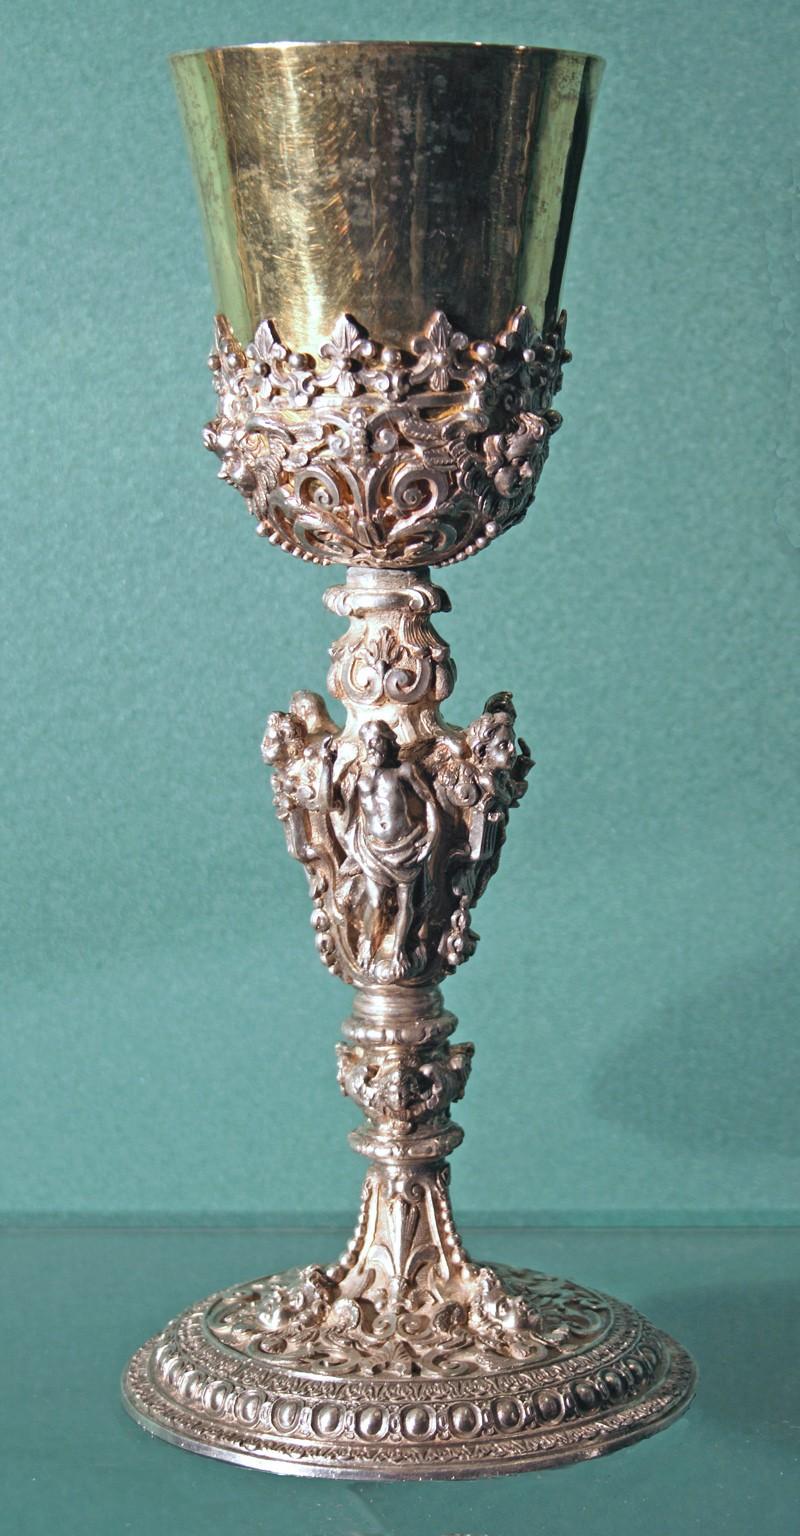 Bott. napoletana secc. XVII-XVIII, Calice con fusto figurato